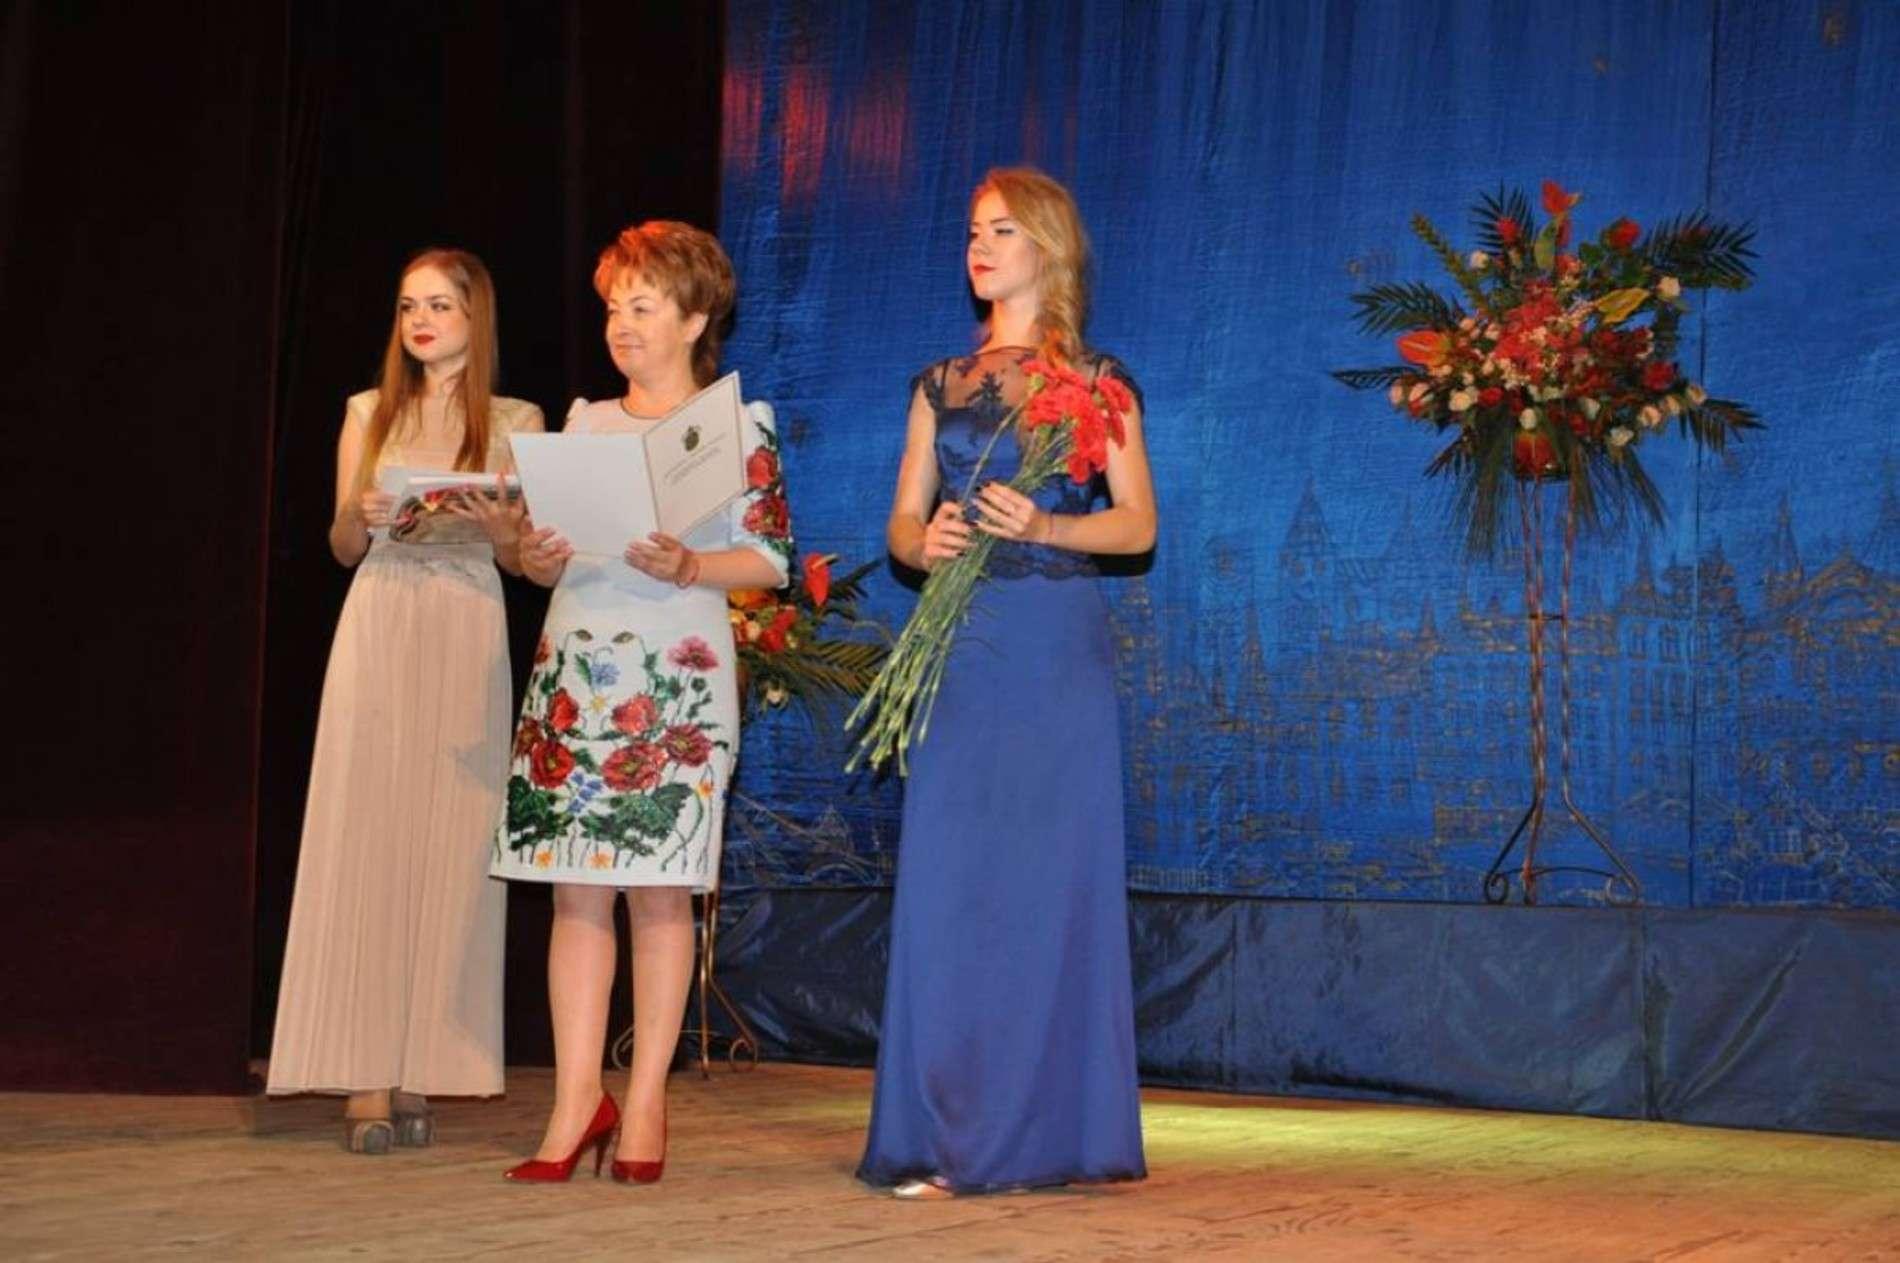 День медичного працівника відзначили у Чернівецькій області